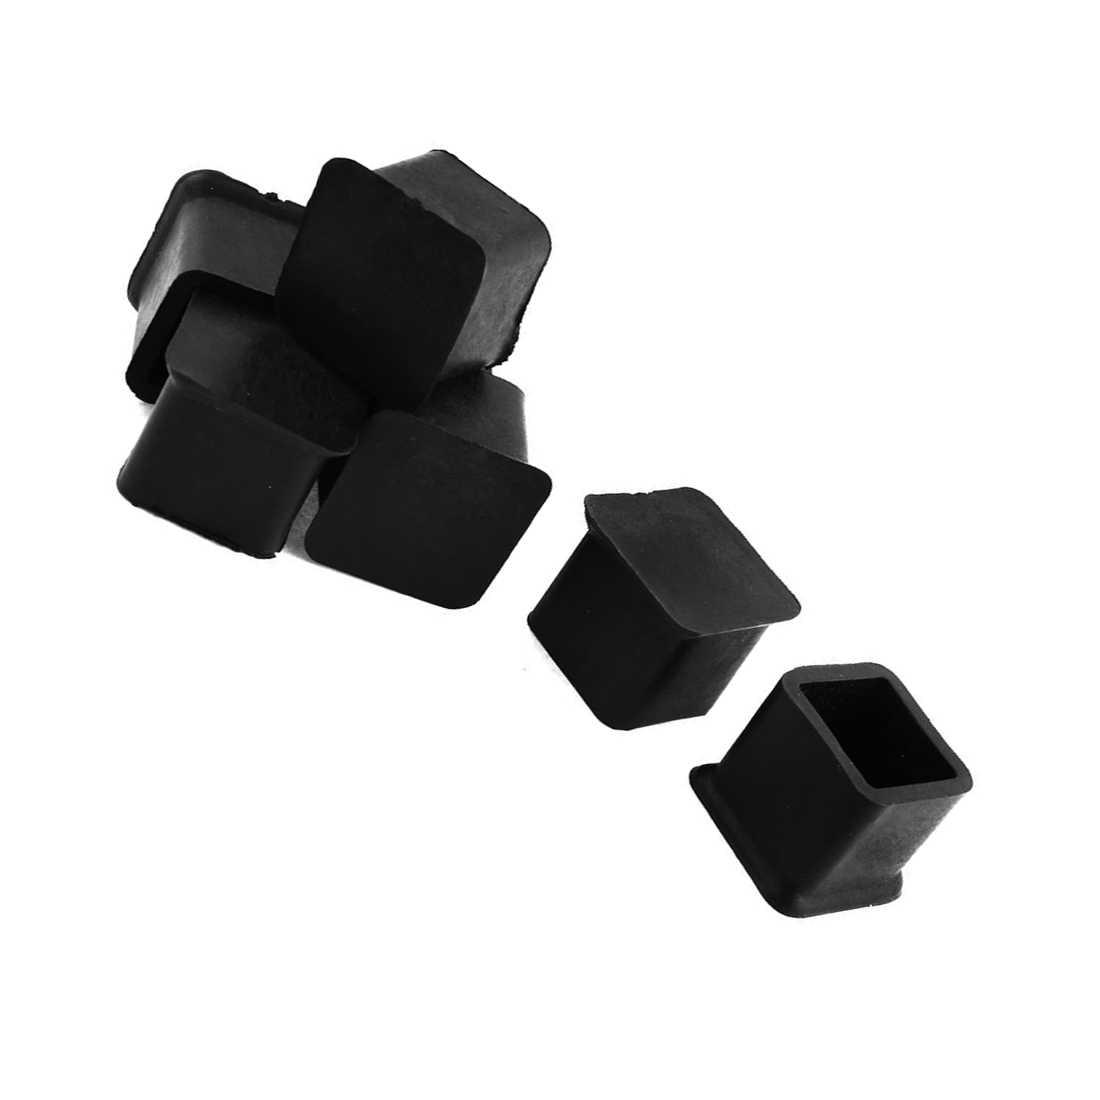 Venda quente mm x 20 20mm poltrona tampas móveis mesa perna pé covers 7 peças